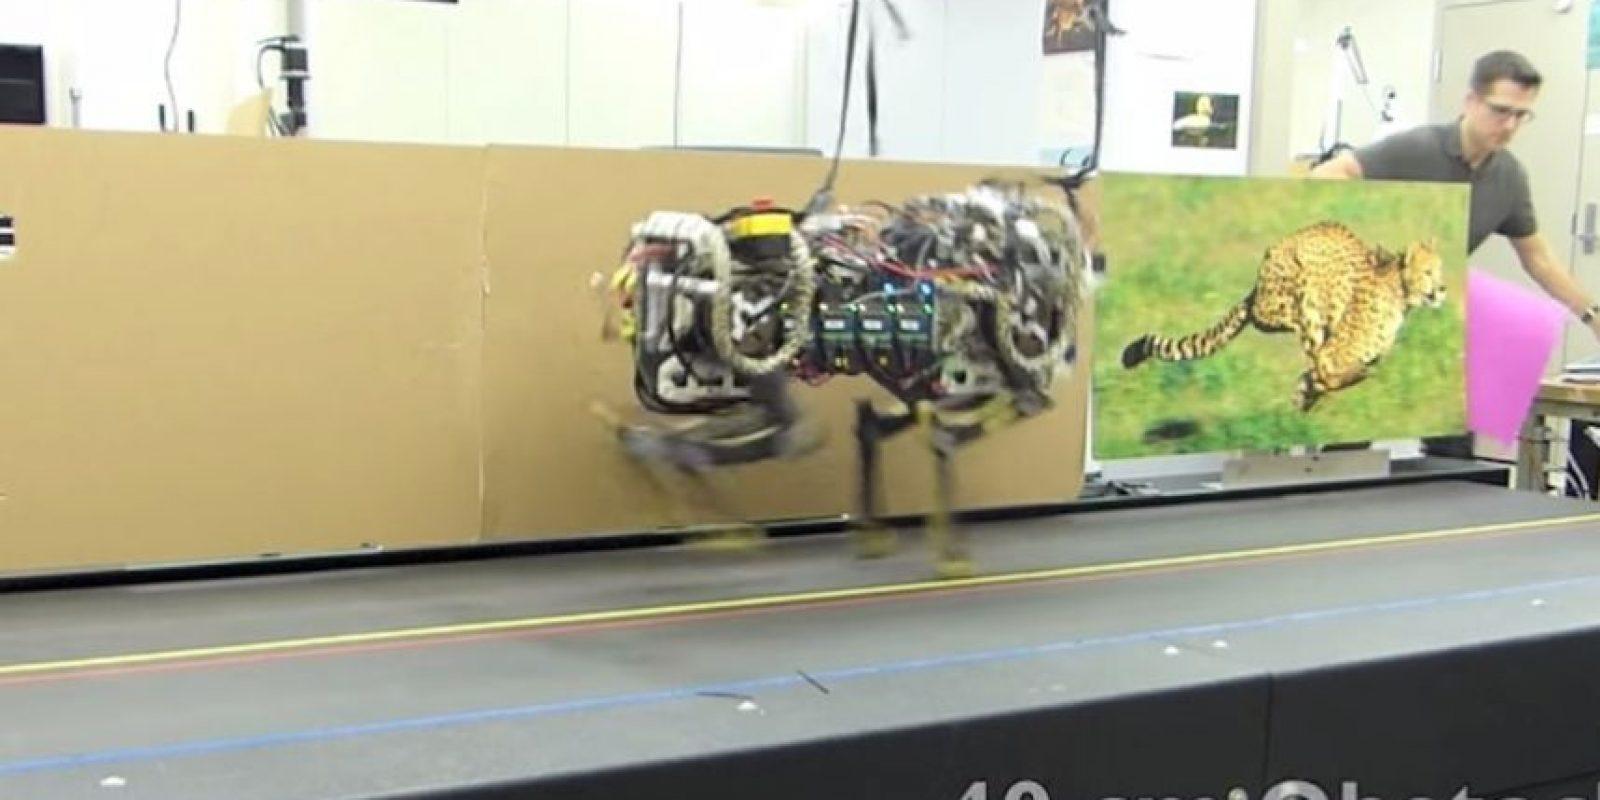 El robot saltando obstáculos de 40 cm de altura. Foto:MIT